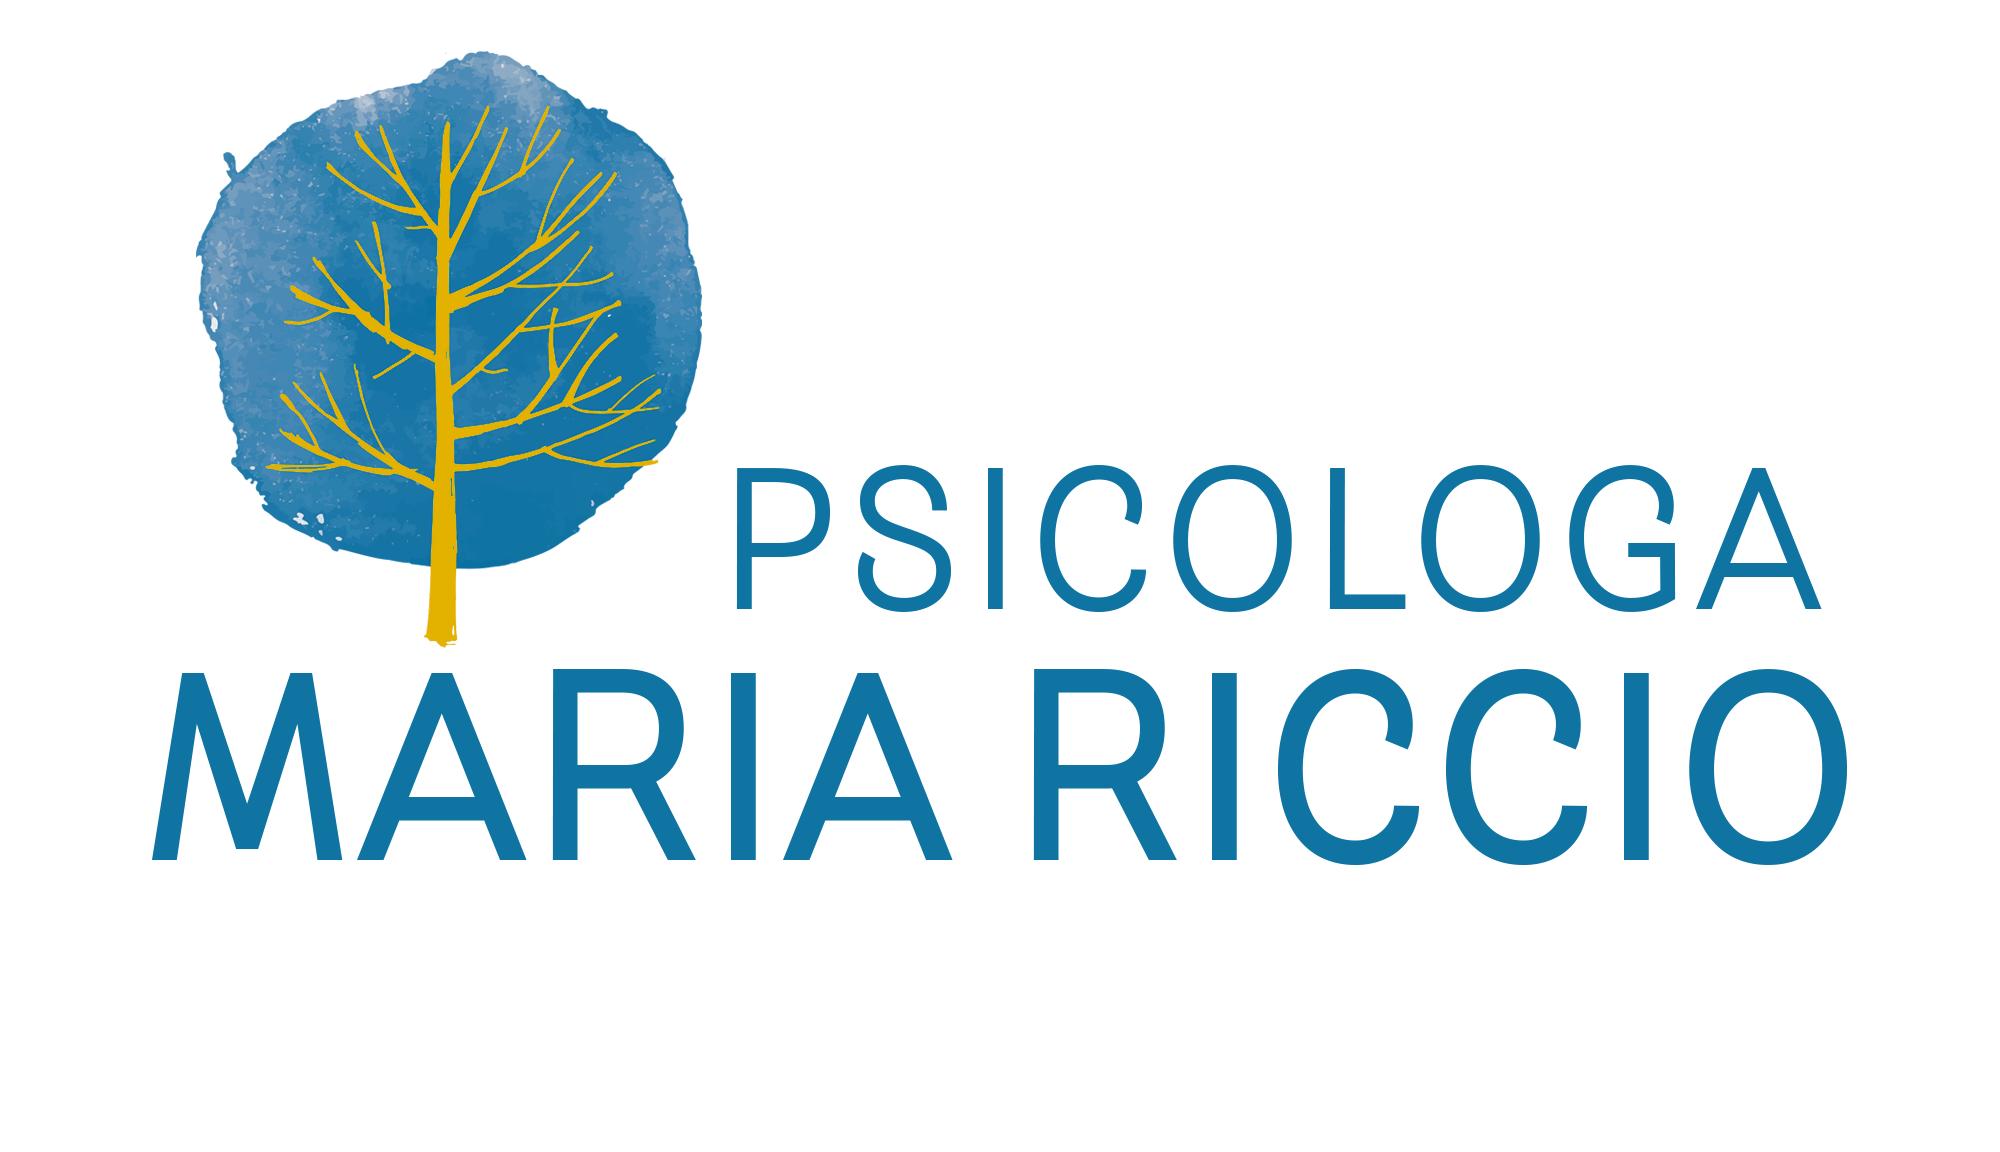 Psicologa Maria Riccio